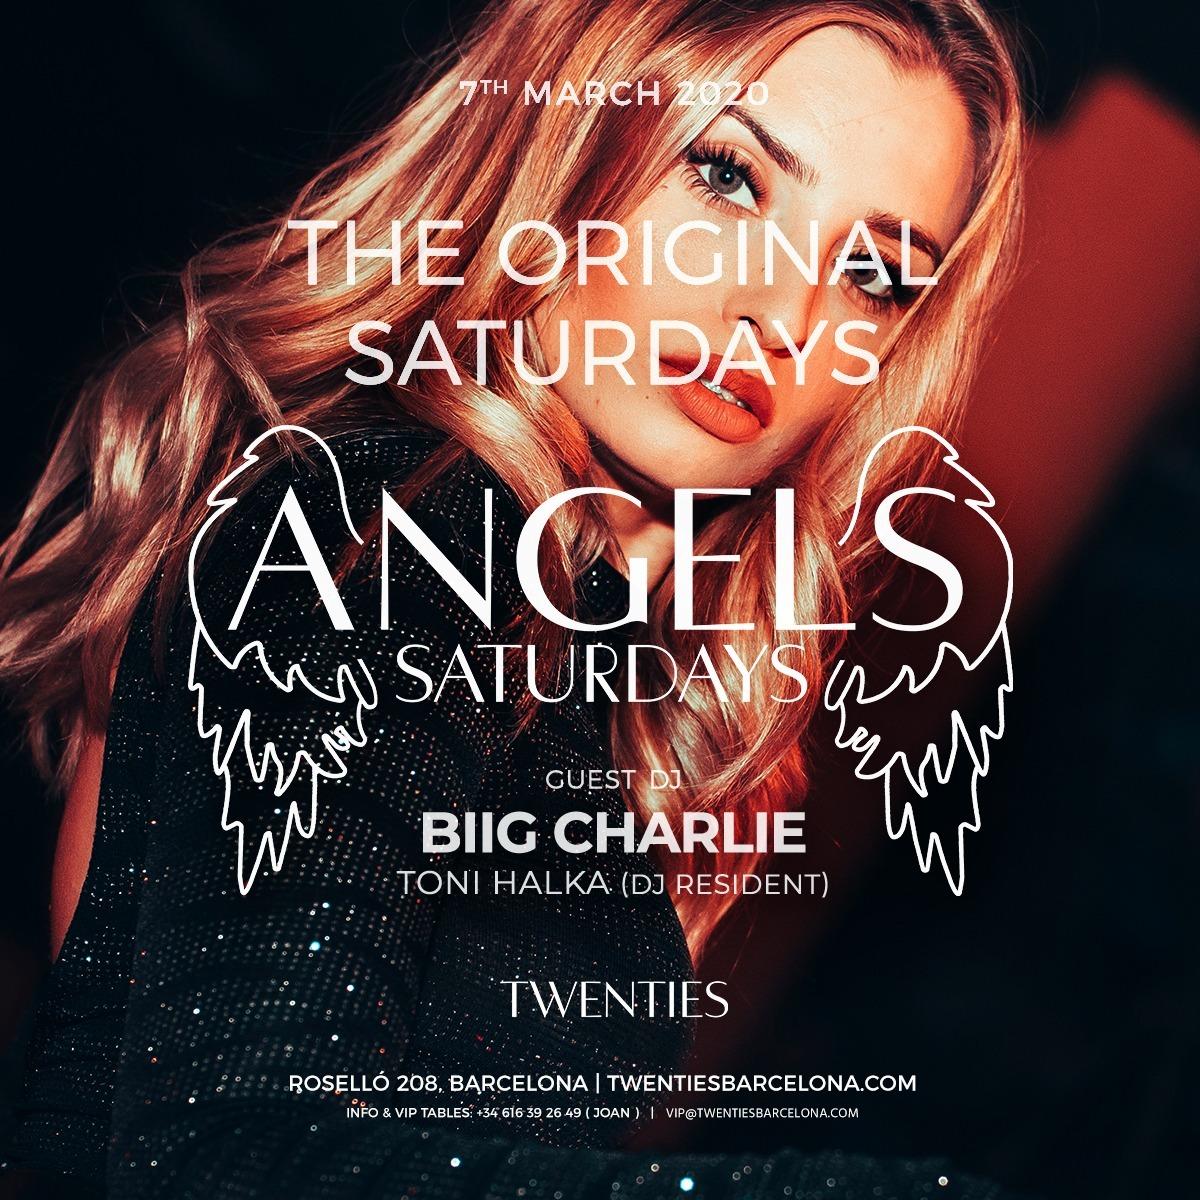 ANGELS TWENTIES BARCELONA